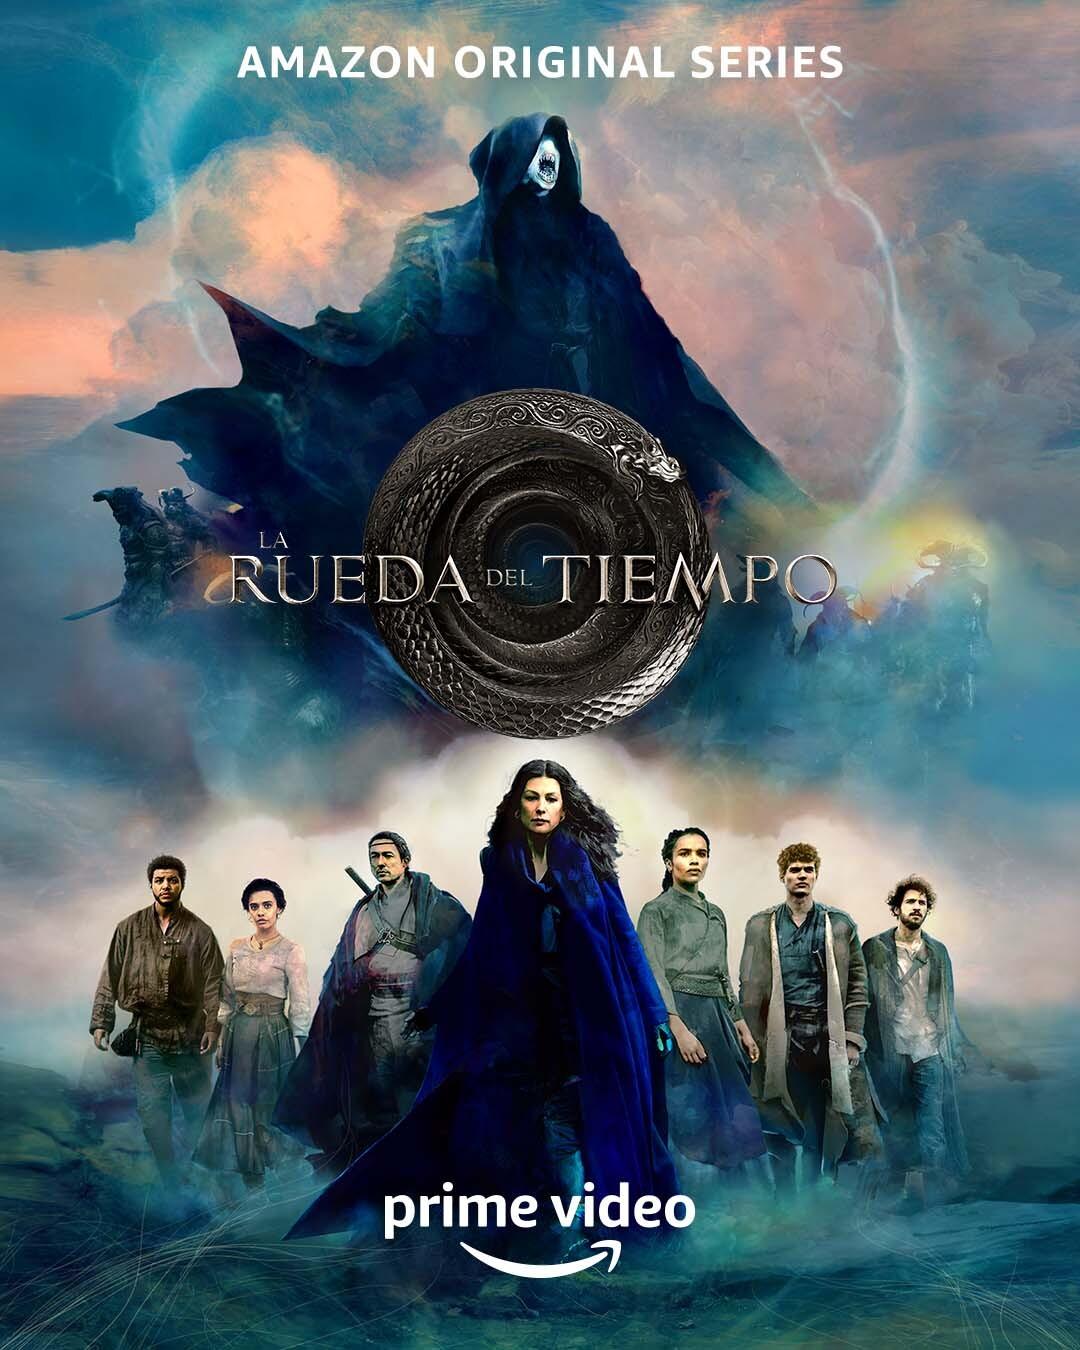 'La rueda del tiempo': Amazon Prime Video lanza el póster oficial de la serie • En tu pantalla